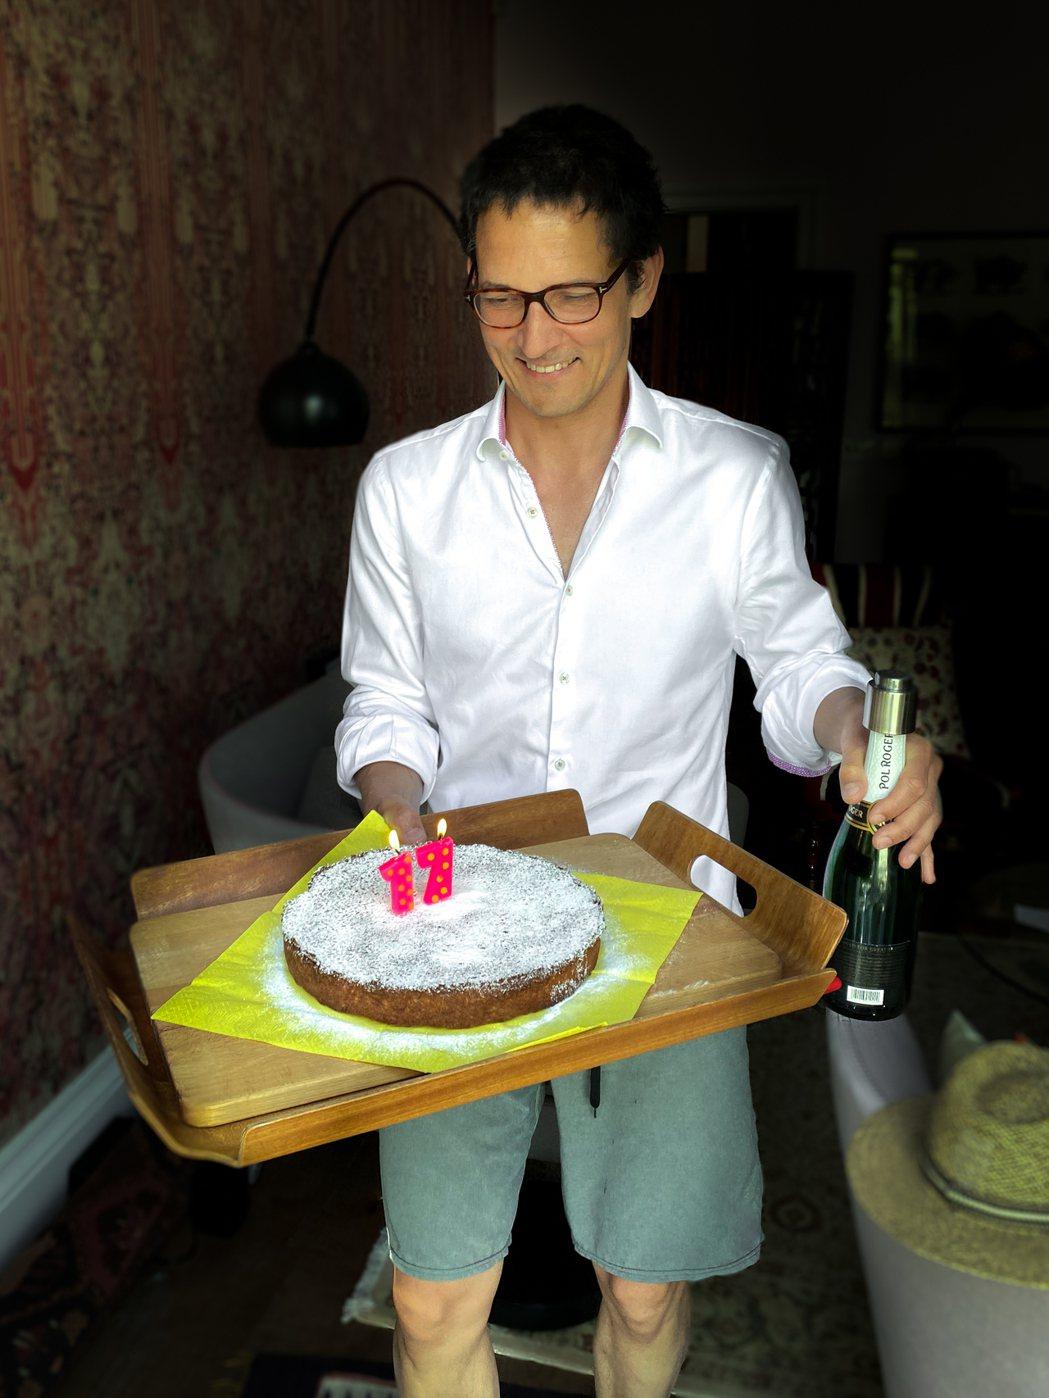 莫文蔚老公Johannes化身「型男主廚」包辦愛心生日餐。圖/莫家寶貝工作室提供